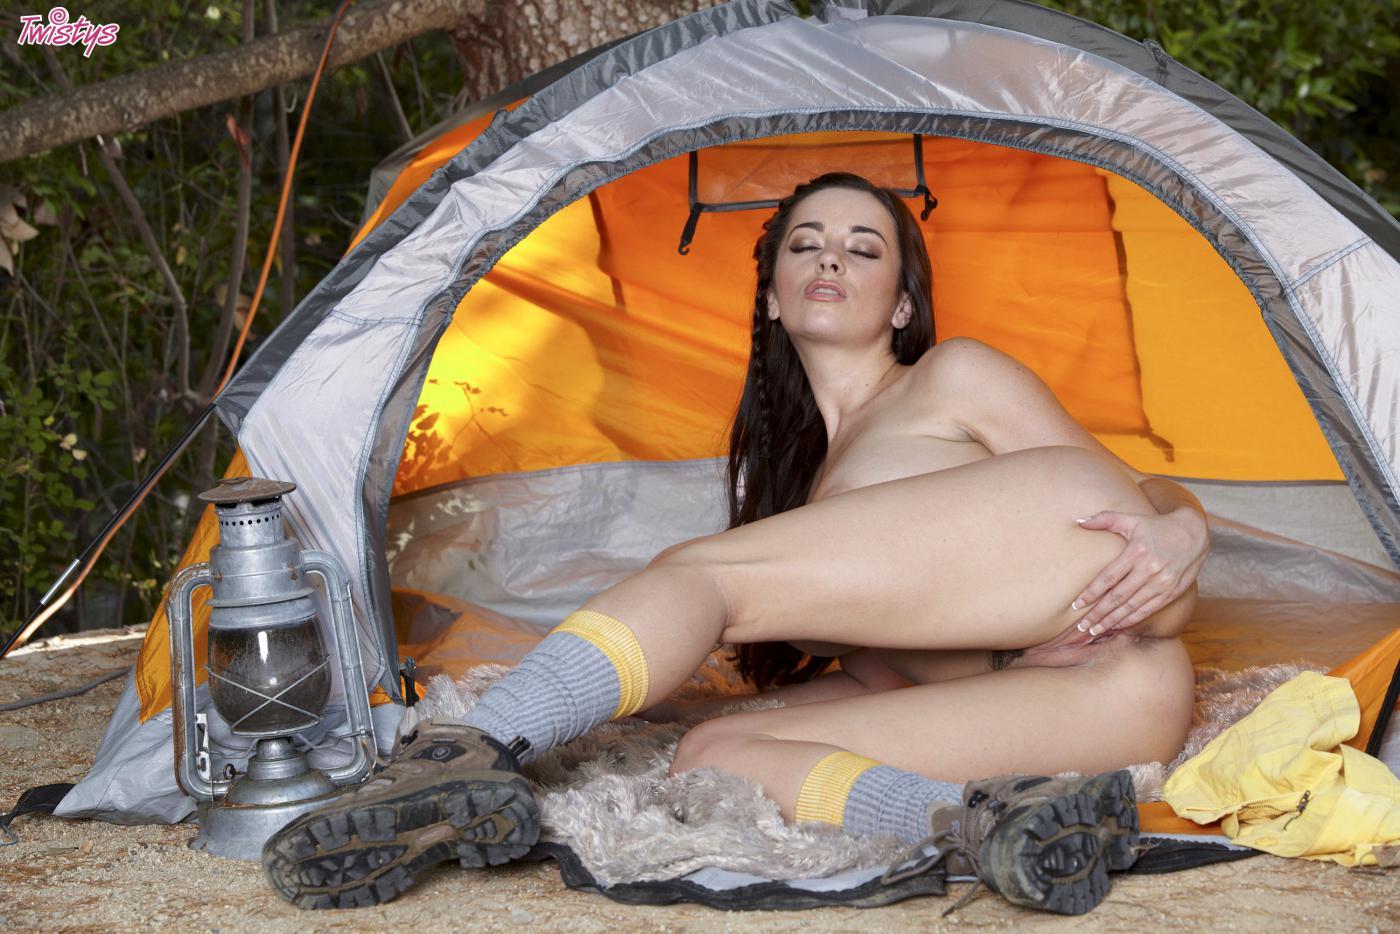 Русское порно в палатке на природе на мобильном